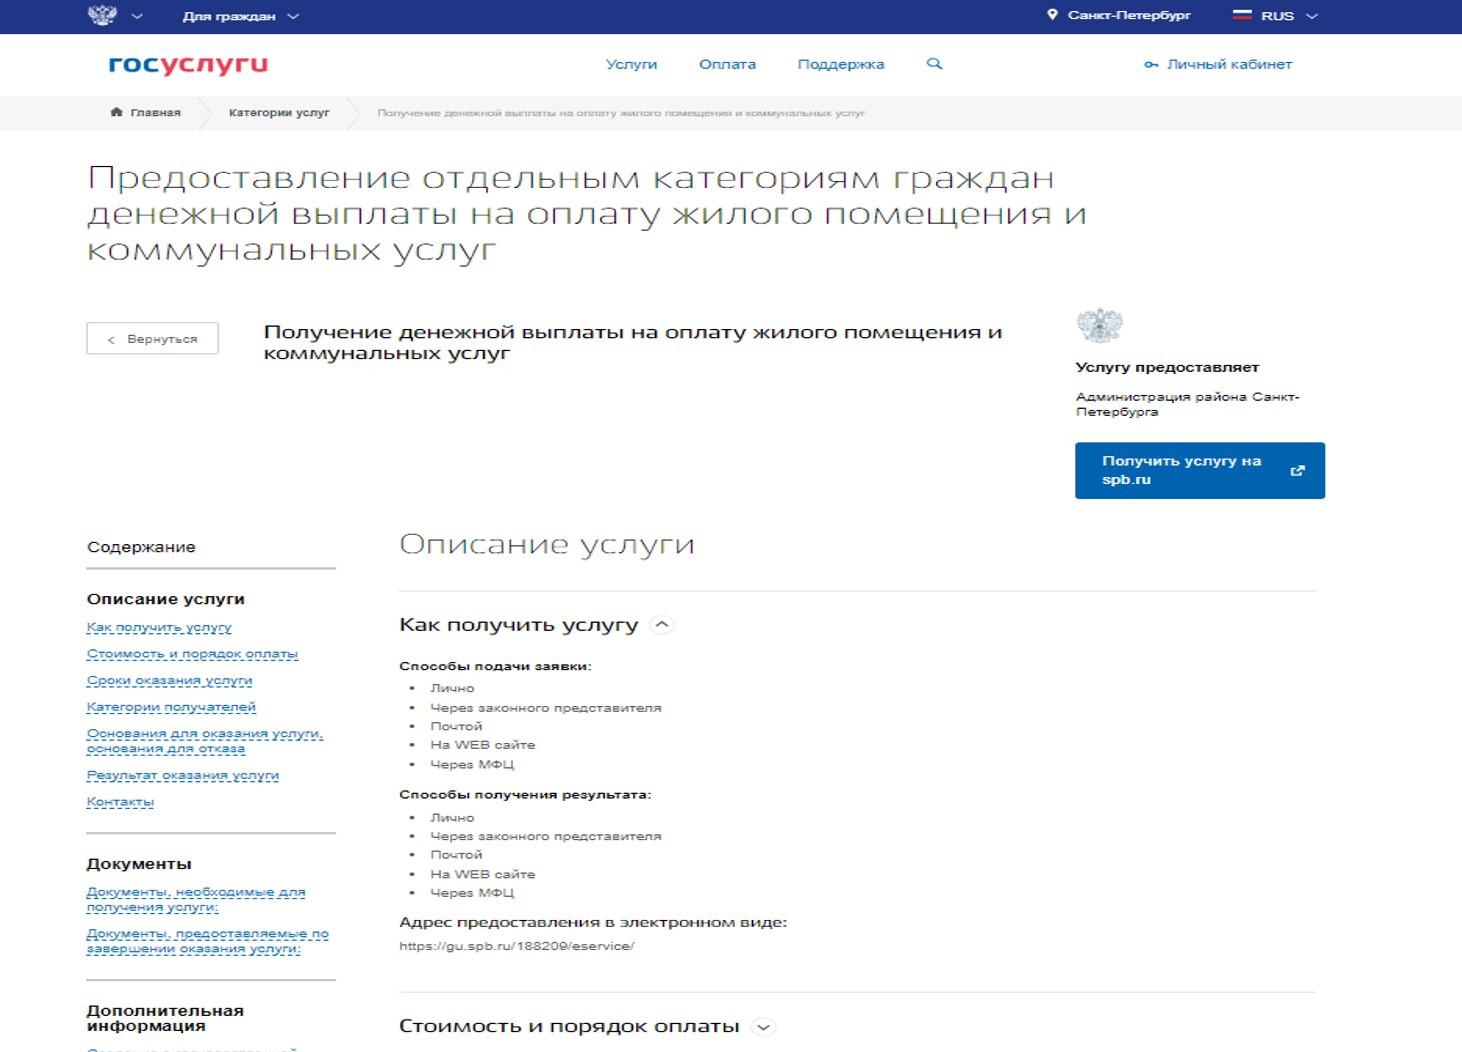 какие льготы полагаются 1 https://grosh-blog.ru